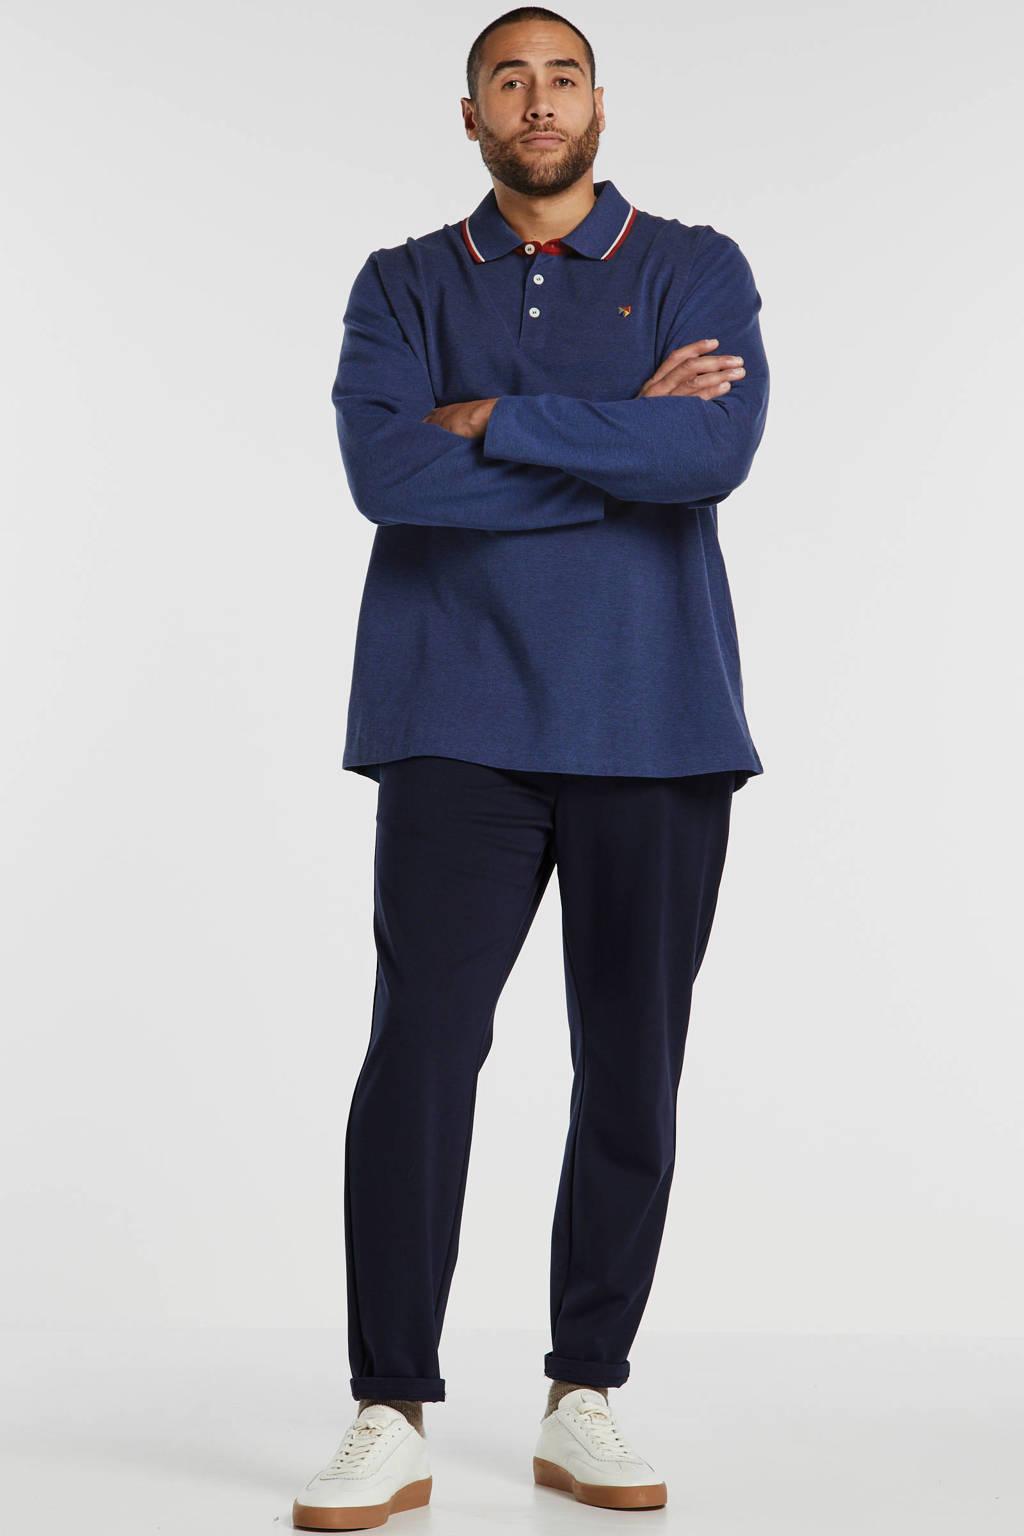 JACK & JONES PLUS SIZE regular fit polo met logo blauw, Blauw